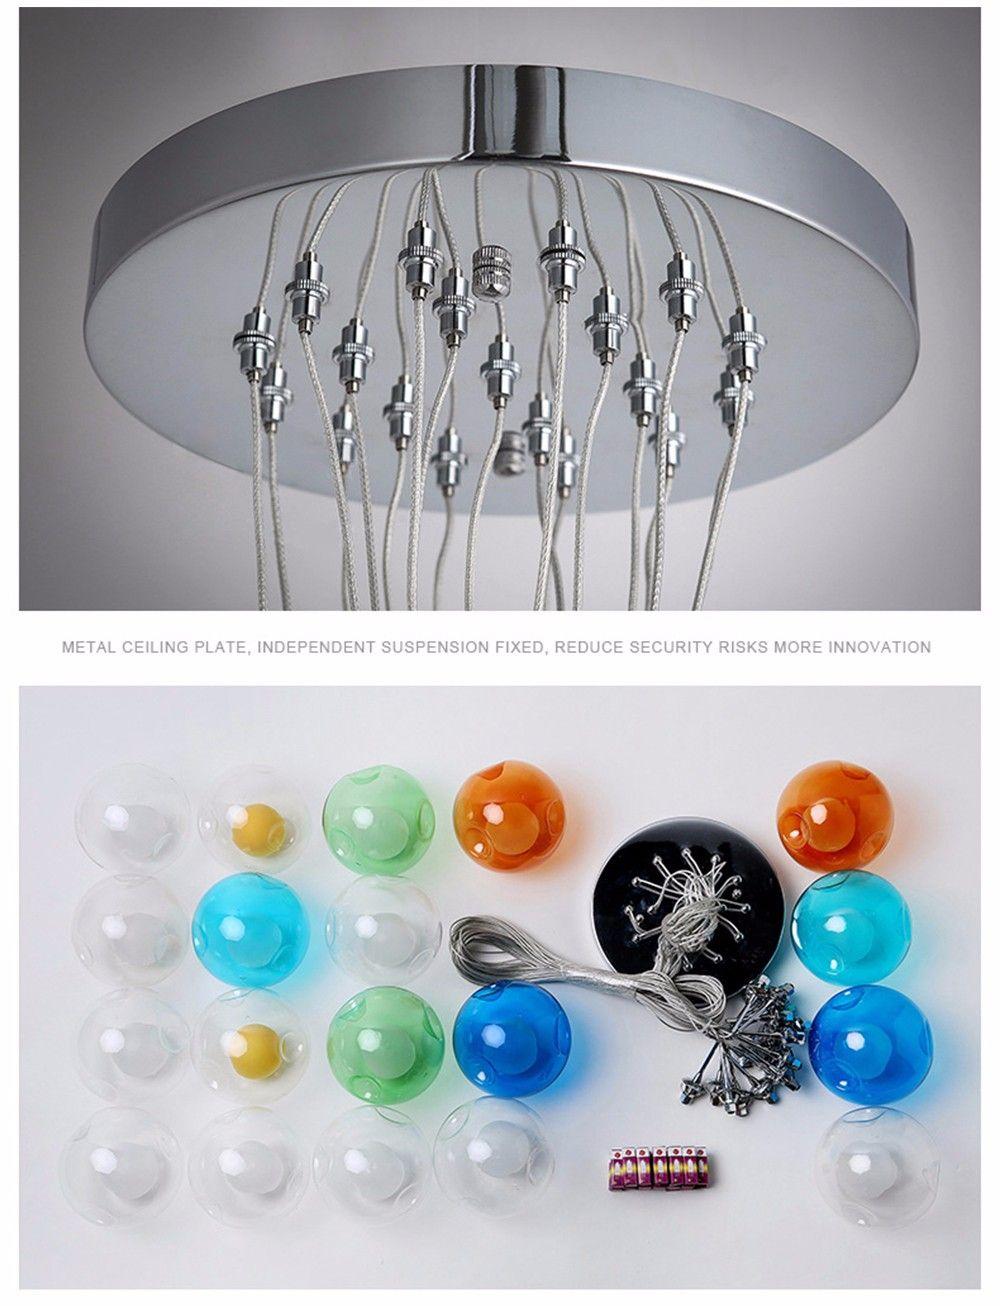 2016 Modern Lighting Ball Spherical Bubble Pendant Light Glass Spherical Dragon Ball Hanging Restaurant Lamp G4 1 5w Le Cheap Pendant Lights Pendant Light Lamp